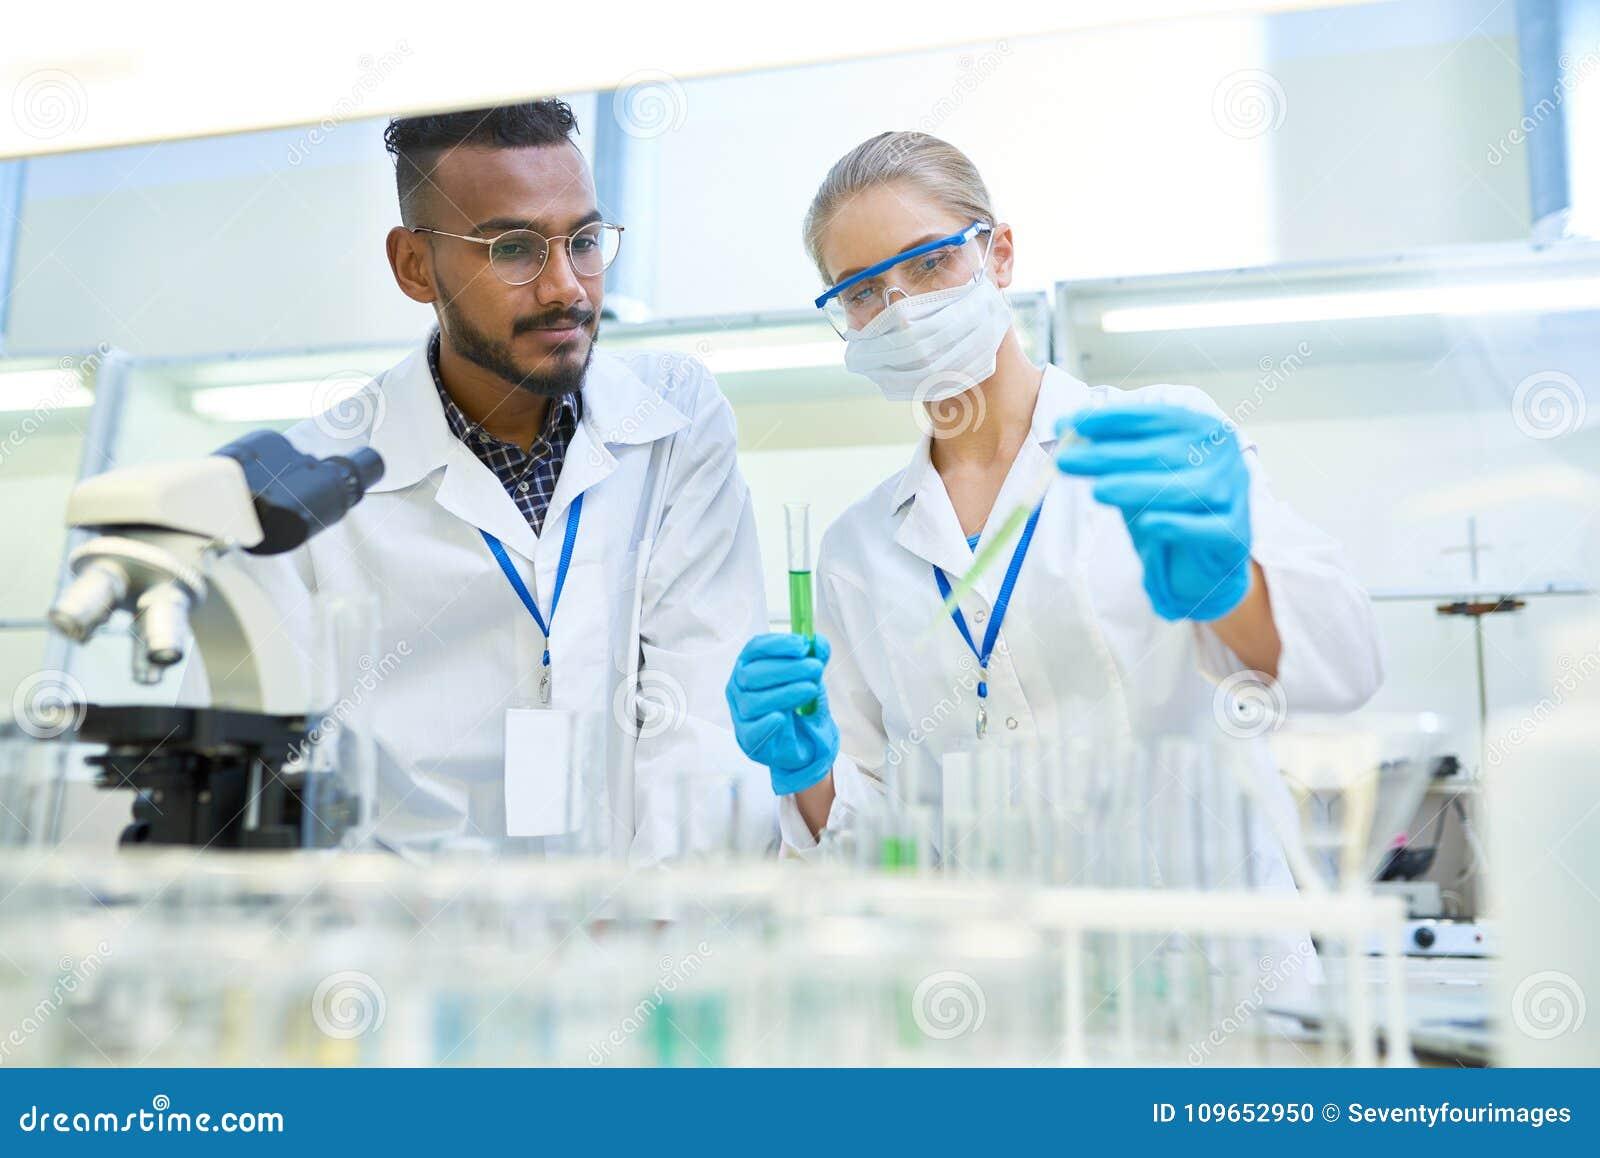 Forskare som gör forskning i medicinskt laboratorium